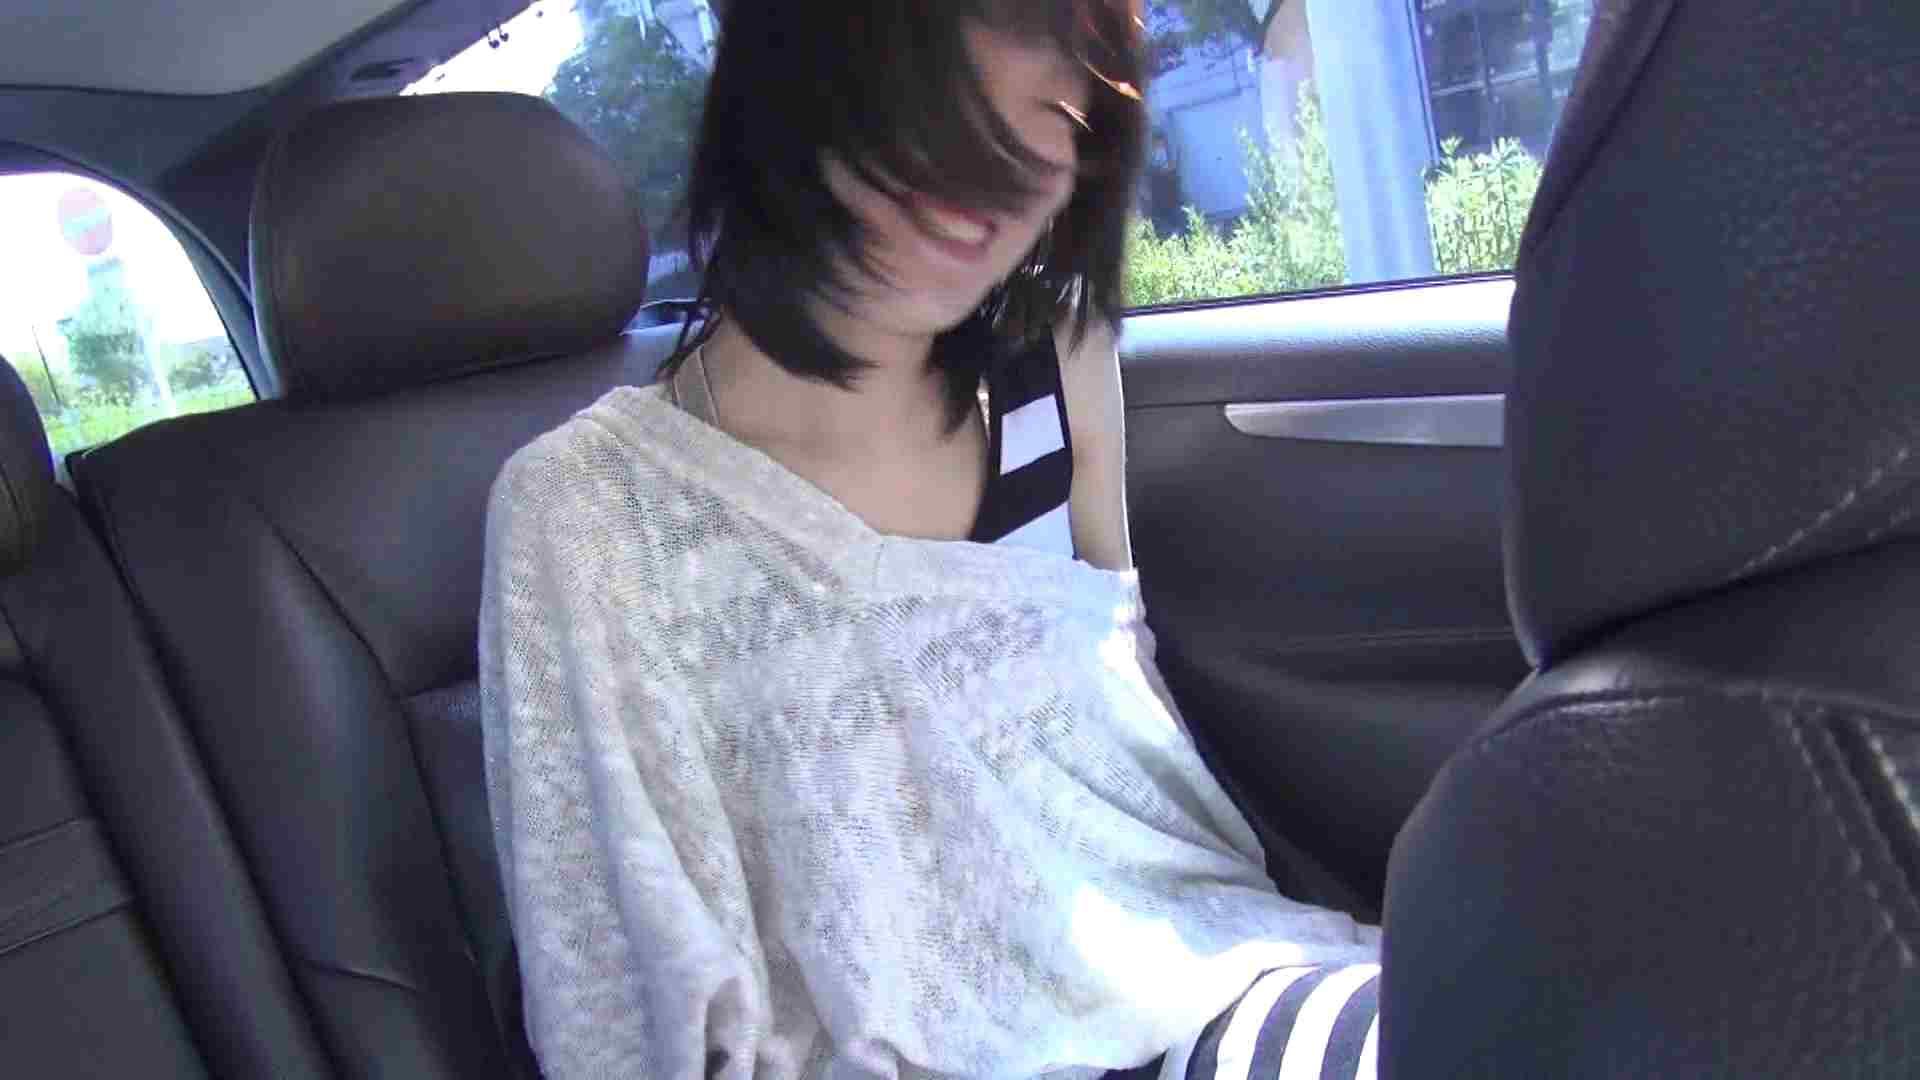 【母の時・01】インタビュー→とびっこ 覗き   おまんこ  90pic 68